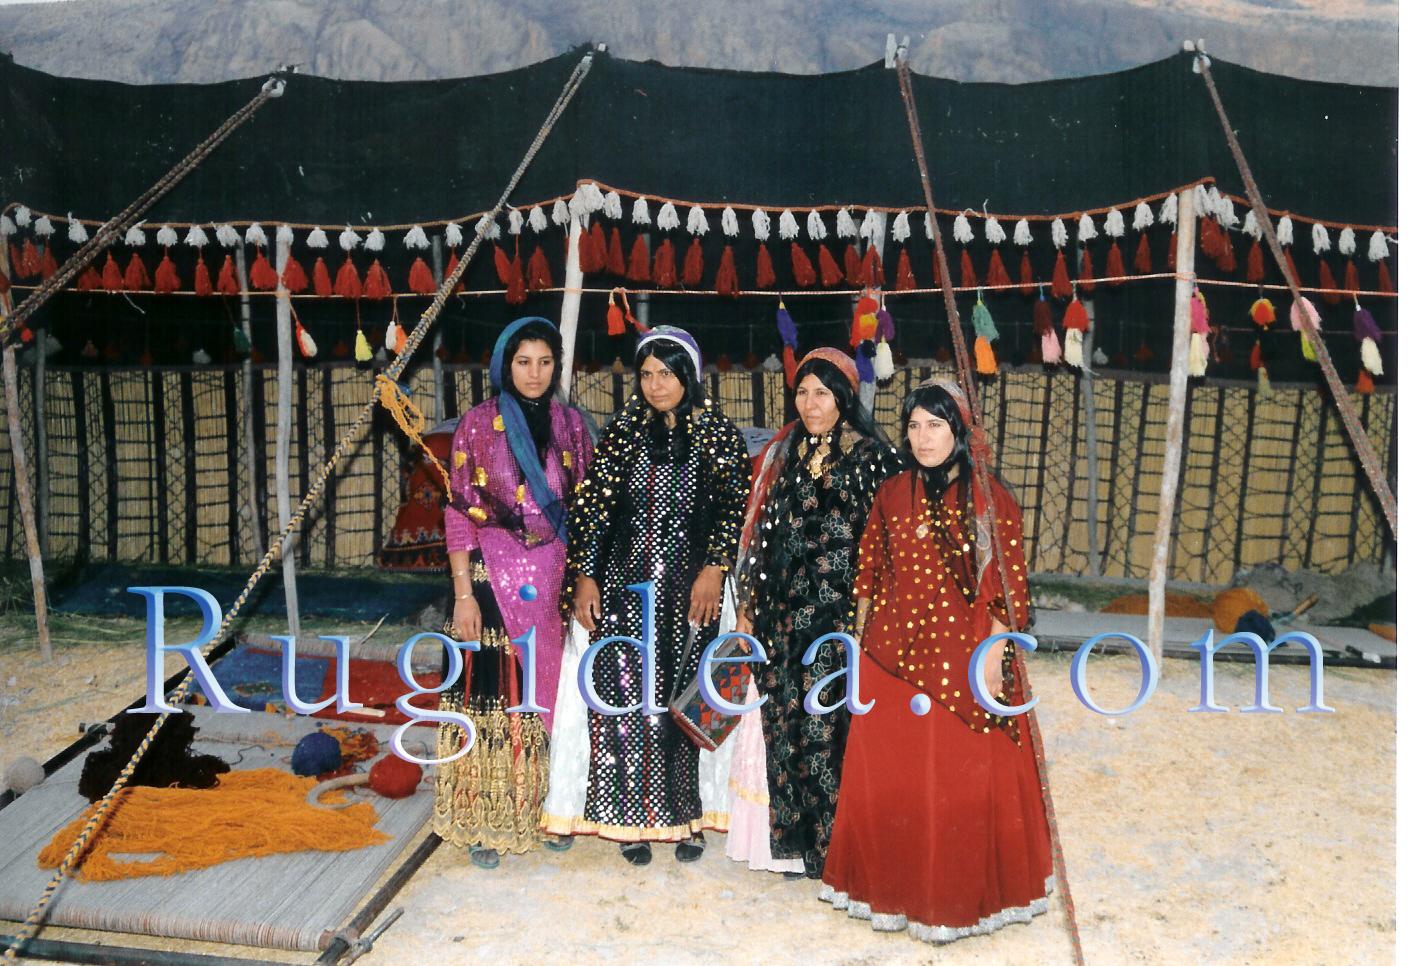 Qshaqai Tibal Nomadic Rugs Carpets Kashkouli Vegetable Dye